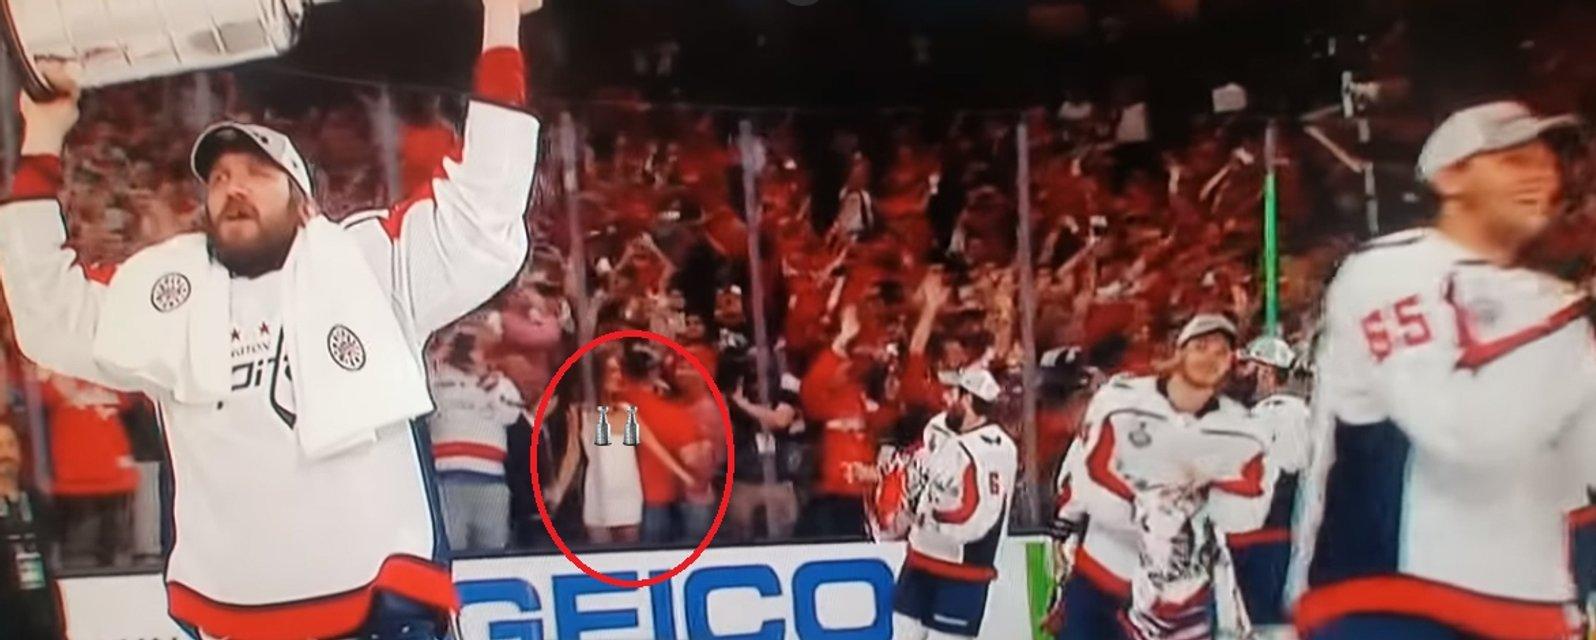 Фанатка показала голую грудь во время финала НХЛ - фото 129998